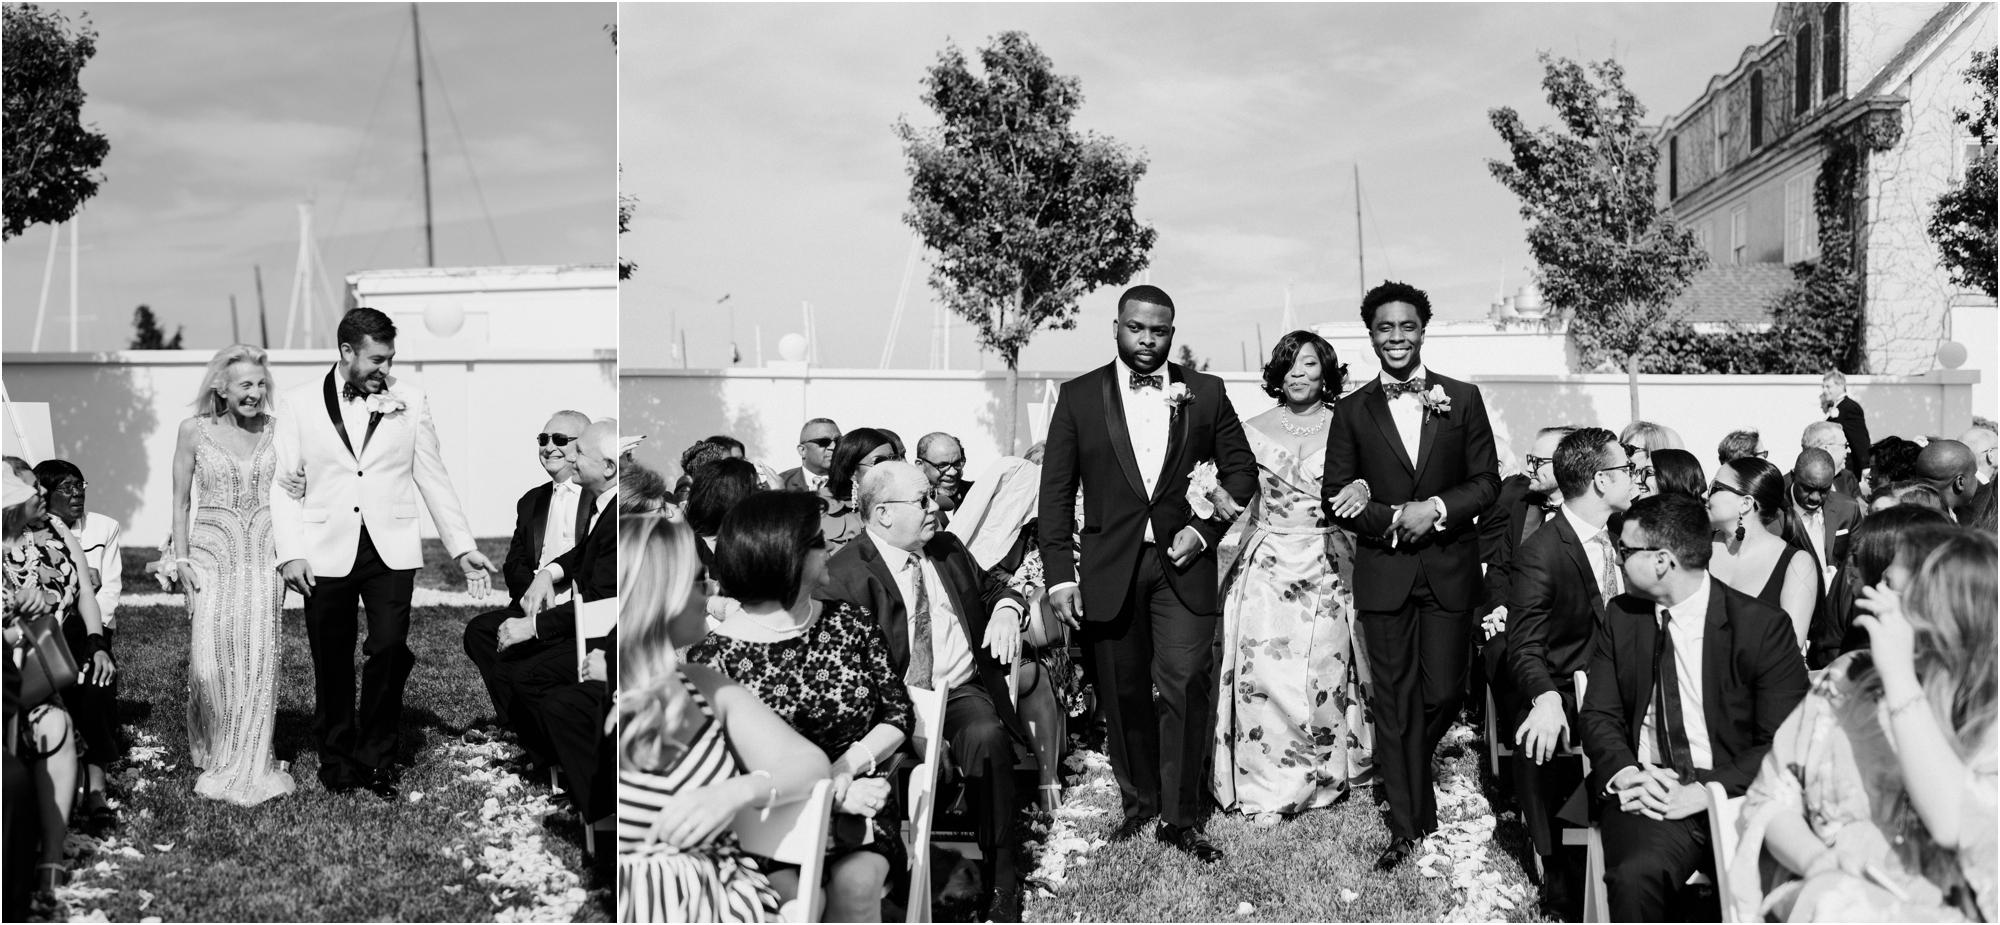 JANELLEANDJULIAN-wedding-madelinerosephotographyco_0017.jpg